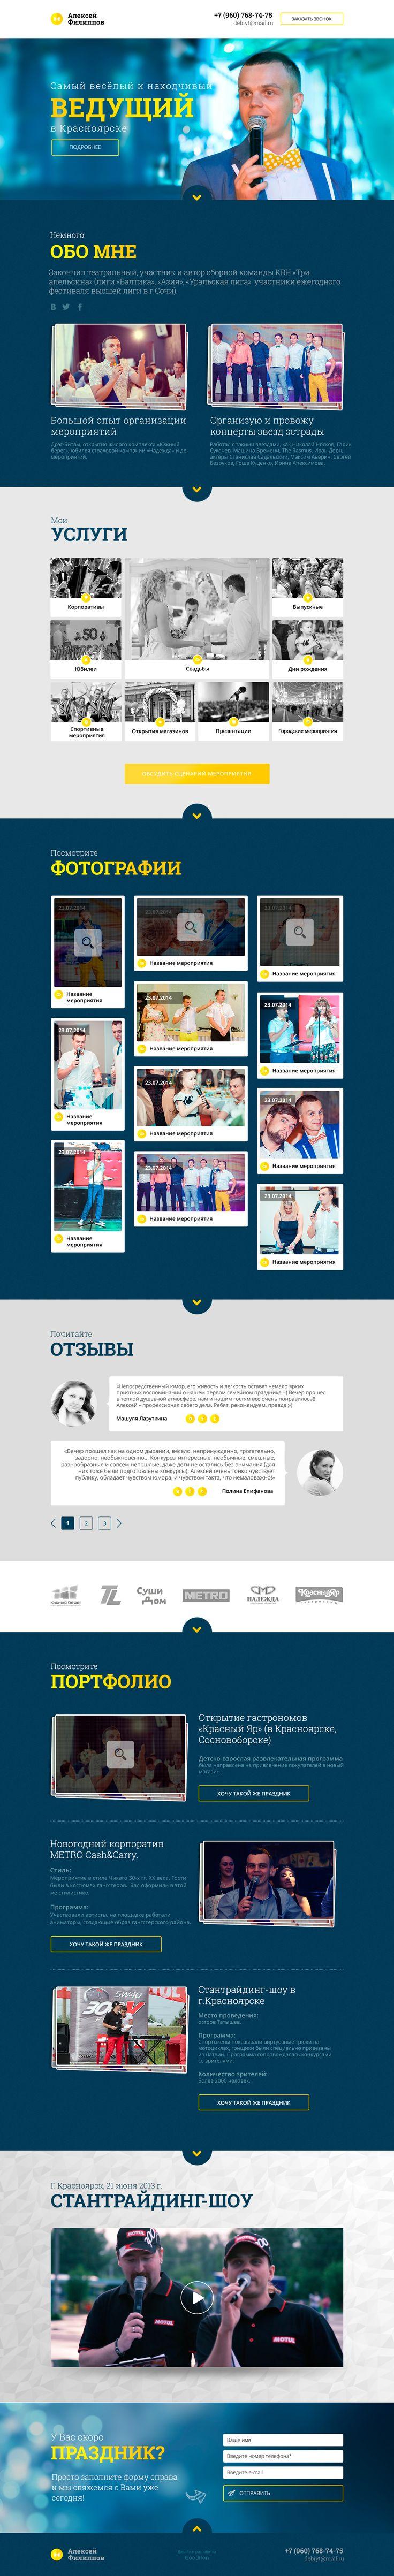 ЗАДАЧА:Создать лэндинг для ведущего мероприятий и праздников Алексея Филиппова. При создании сайта нужно было учесть, что любимые цвета заказчика голубой и желтый, что он открытый, позитивный и очень профессиональный человек, имеет большое количество пол…